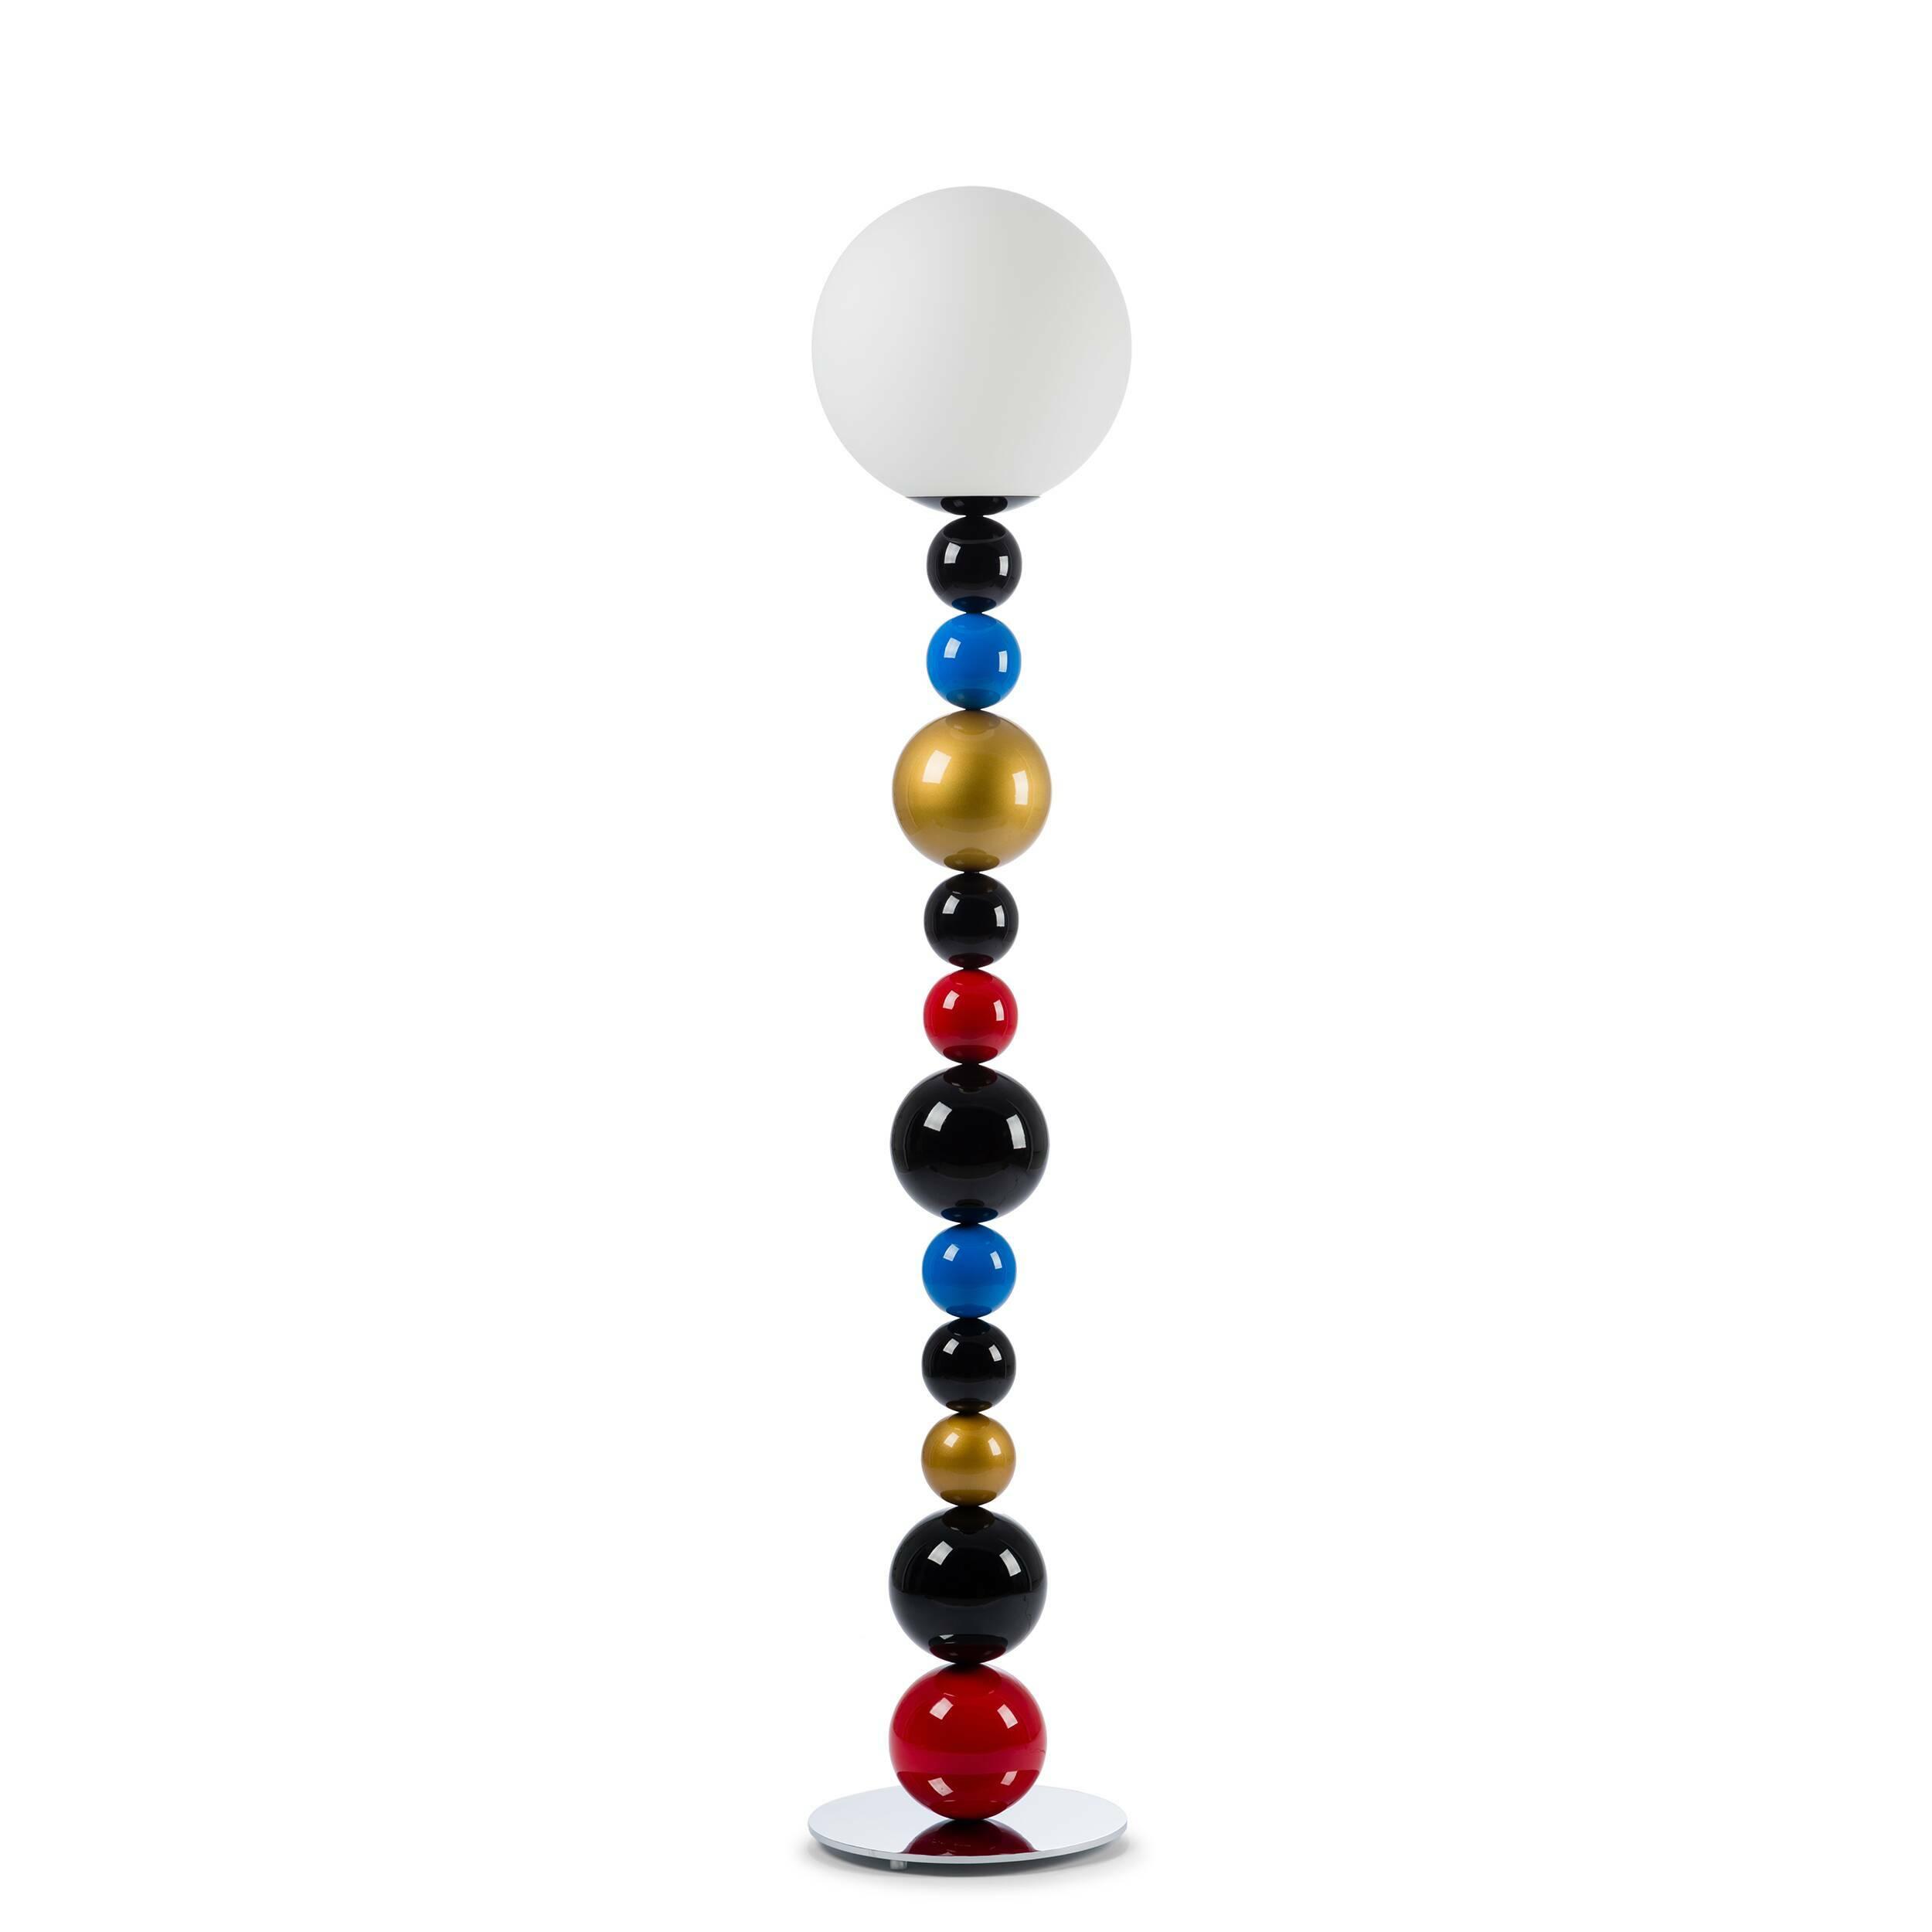 Напольный светильник RGBНапольные<br>Напольный светильник RBG — стильный вариант, который подойдет тем, кто любит в дизайне яркие и игривые мотивы. Если вы ищете что-то, что с легкостью разбавит ваш интерьер, то этот светильник как раз то, что вам нужно. Благодаря крупной круглой подножке светильник обладает высокой устойчивостью, несмотря на большую высоту изделия.<br> <br> Плафон лампы выполнен из матового стекла, благодаря чему ее свет мягкий и рассеянный. При таком освещении очень приятно читать, а проводить спокойные вечера пос...<br><br>stock: 0<br>Высота: 165<br>Диаметр: 30<br>Количество ламп: 1<br>Материал абажура: Стекло<br>Материал арматуры: Металл<br>Ламп в комплекте: Нет<br>Напряжение: 220<br>Тип лампы/цоколь: E14<br>Цвет абажура: Белый<br>Цвет арматуры: Разноцветный